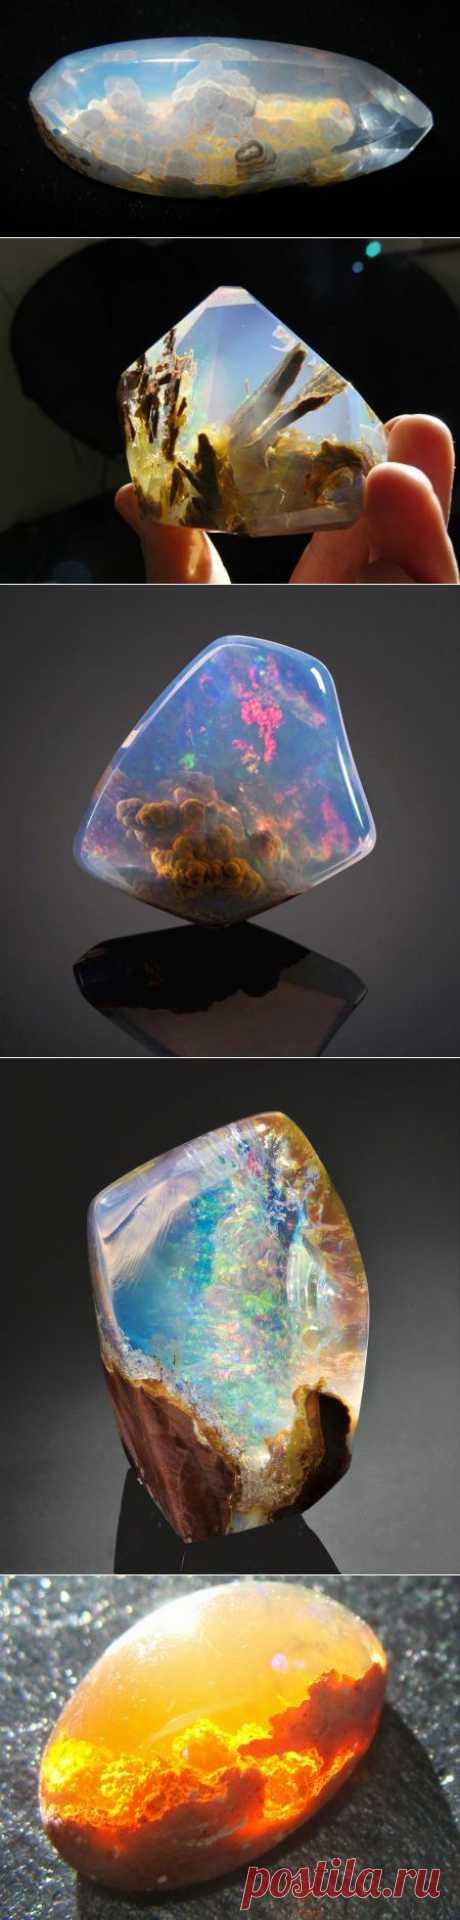 Опал — самый удивительный драгоценный камень | ТАЙНЫ ПЛАНЕТЫ ЗЕМЛЯ